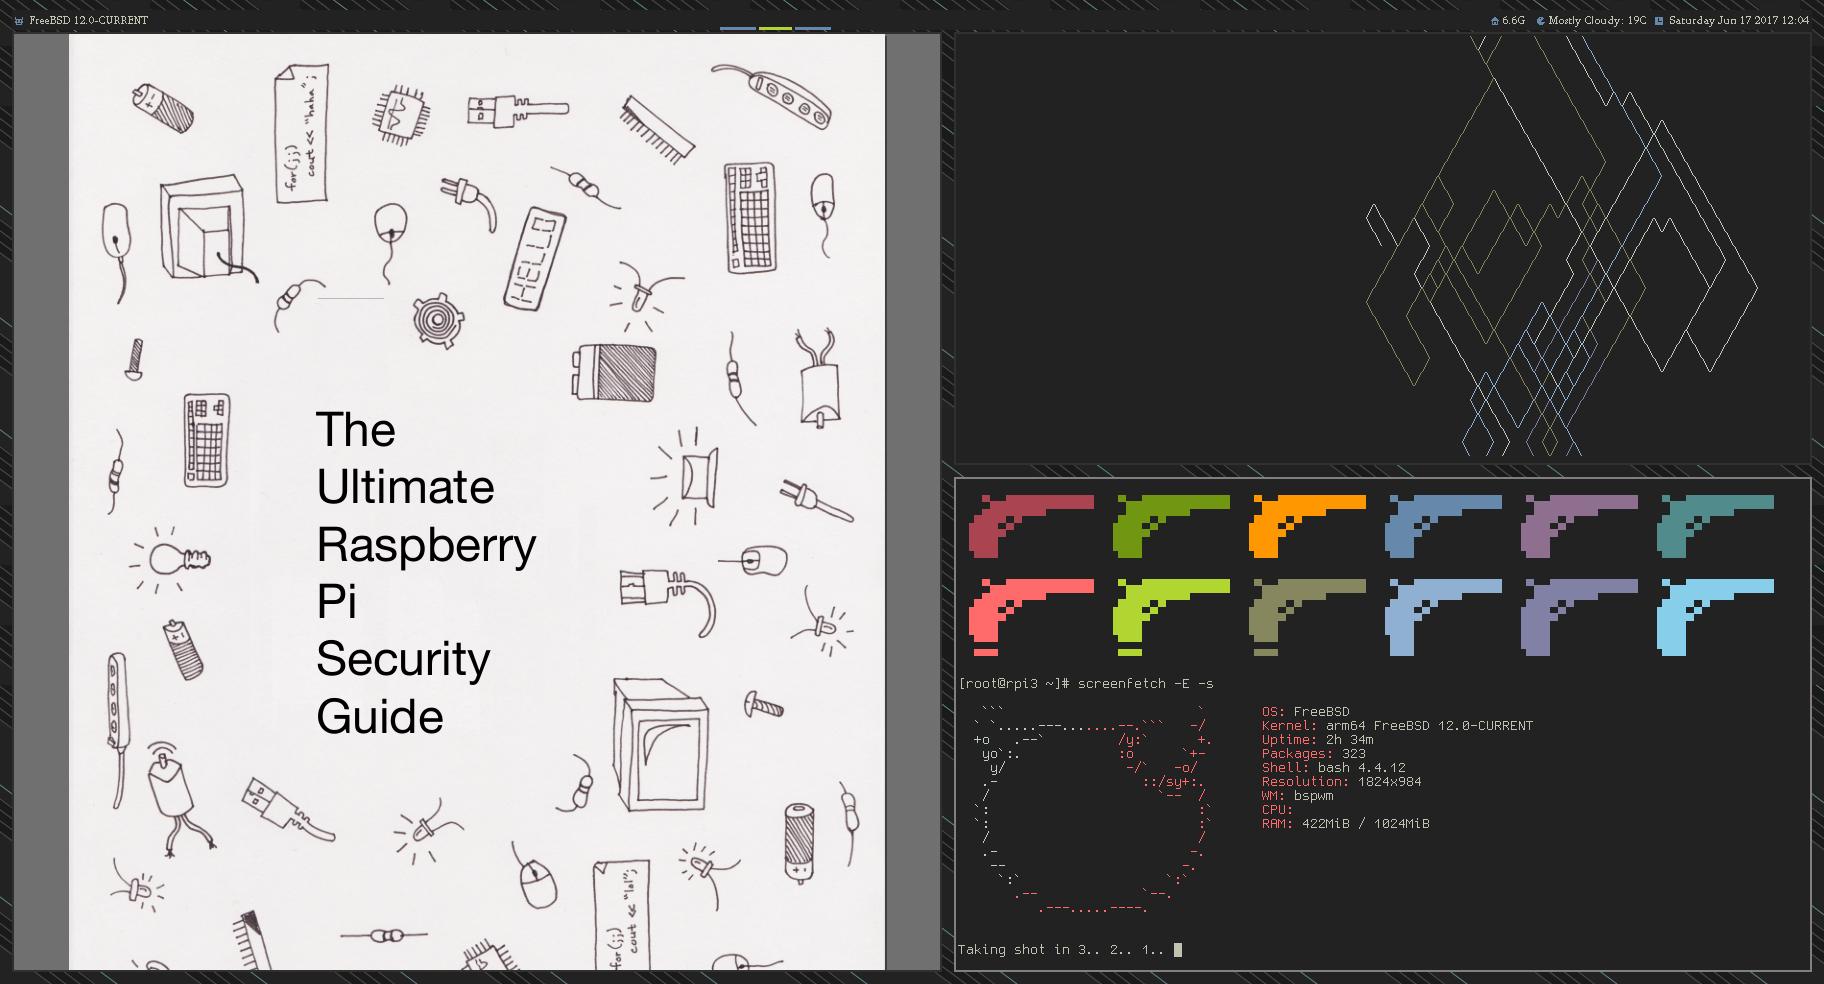 RPI3: FreeBSD 12, bspwm